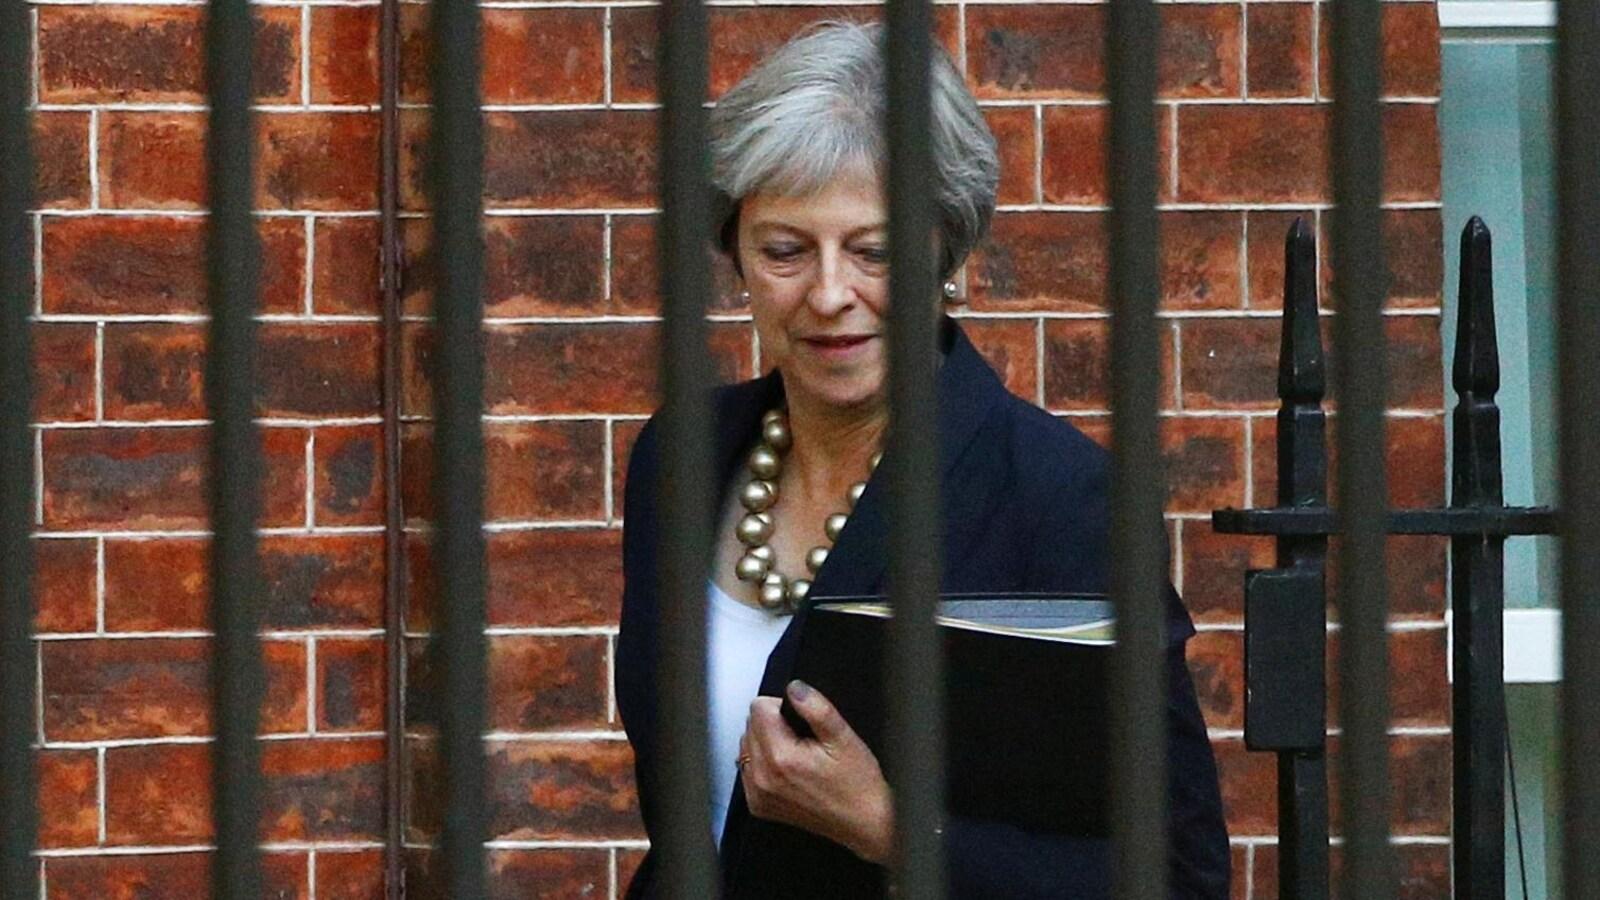 La première ministre britannique Theresa May tente de désamorcer la grogne de sa majorité en présentant un plan pour sortir de l'impasse sur la question de la frontière irlandaise dans le Brexit.